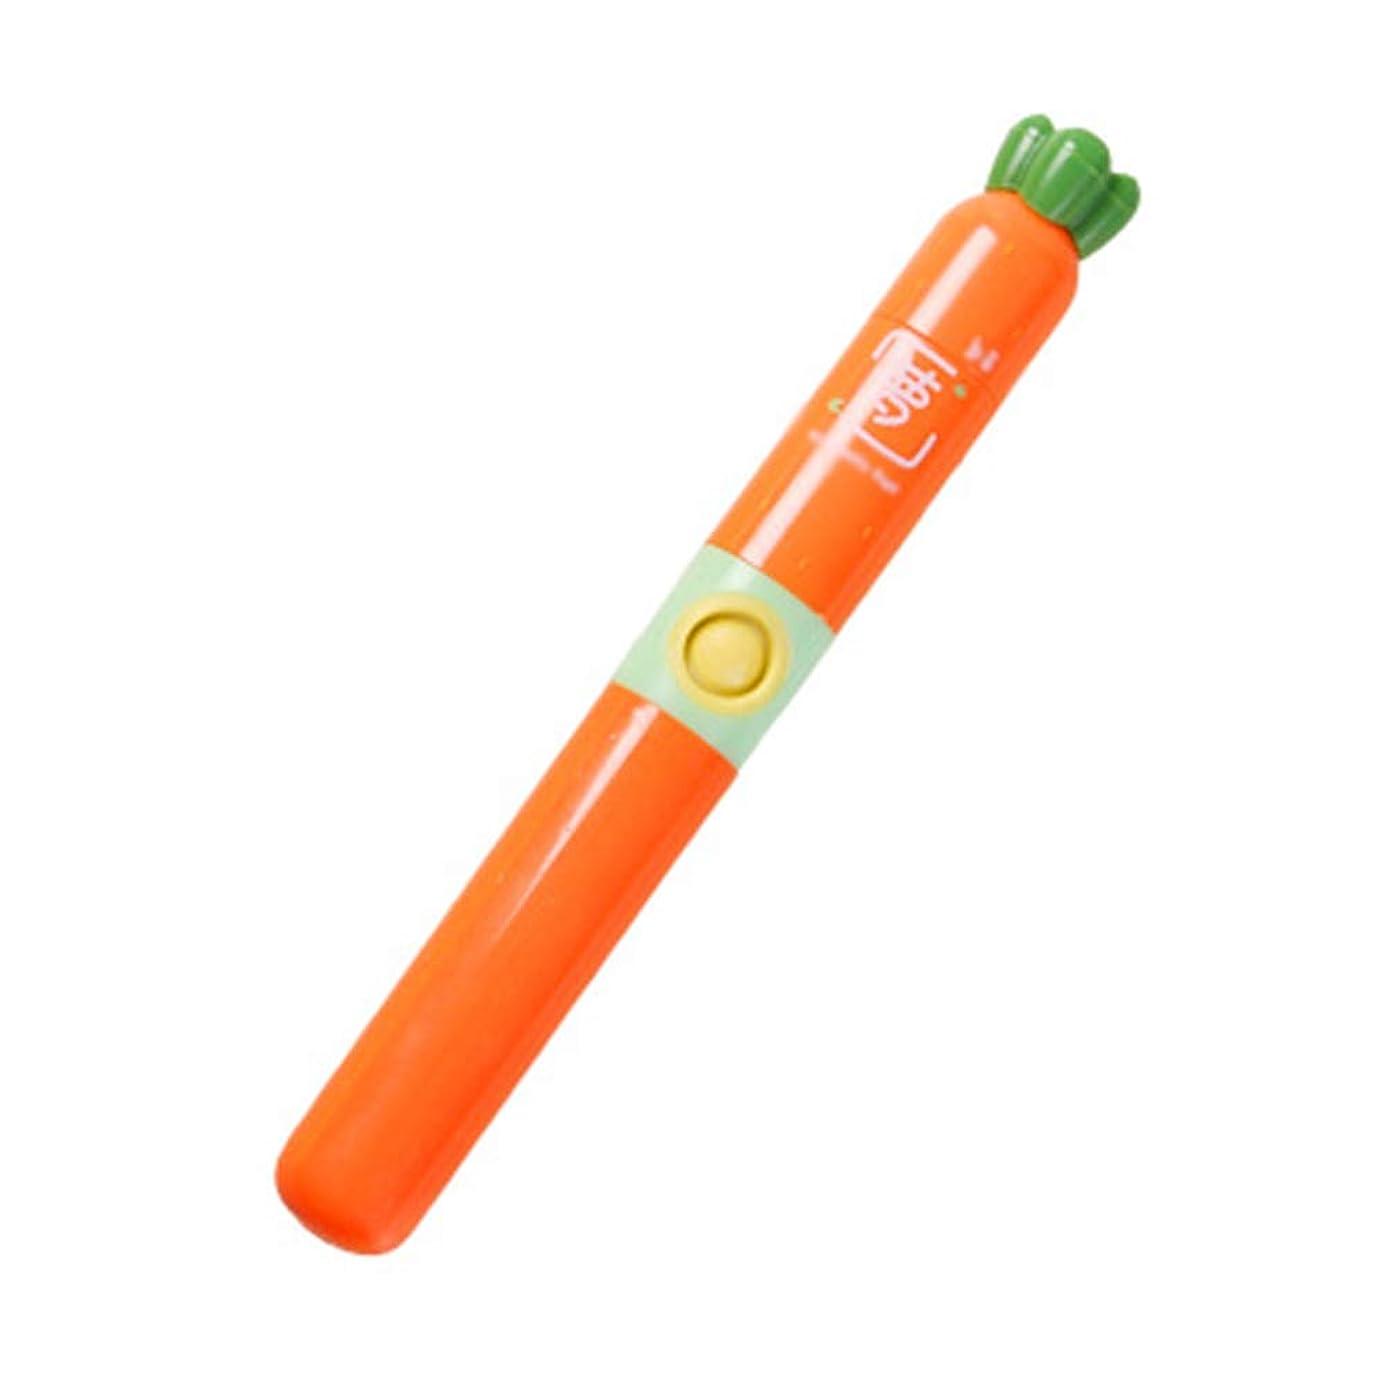 高く挑発する省子供のための3つのモード電気歯ブラシの音波再充電可能な歯ブラシ、との防水電池の歯ブラシ,B